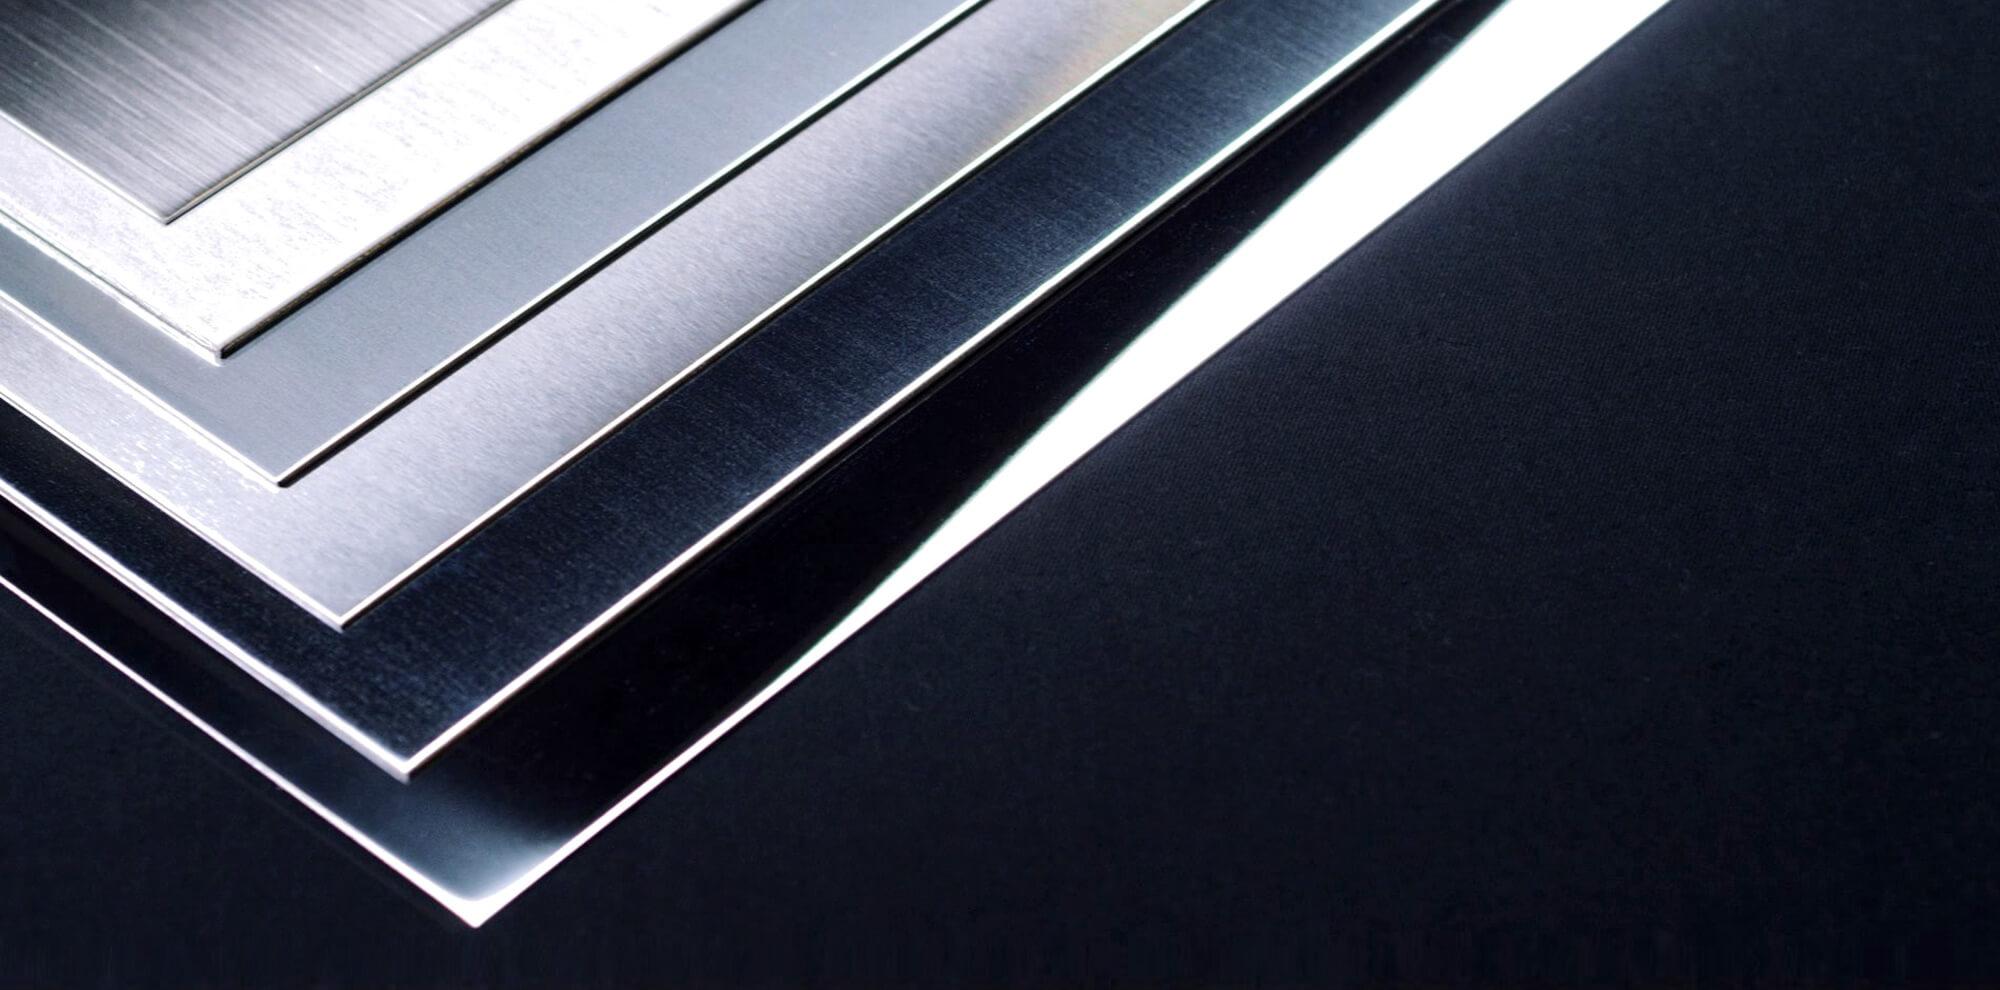 Hot-rolled steel sheet